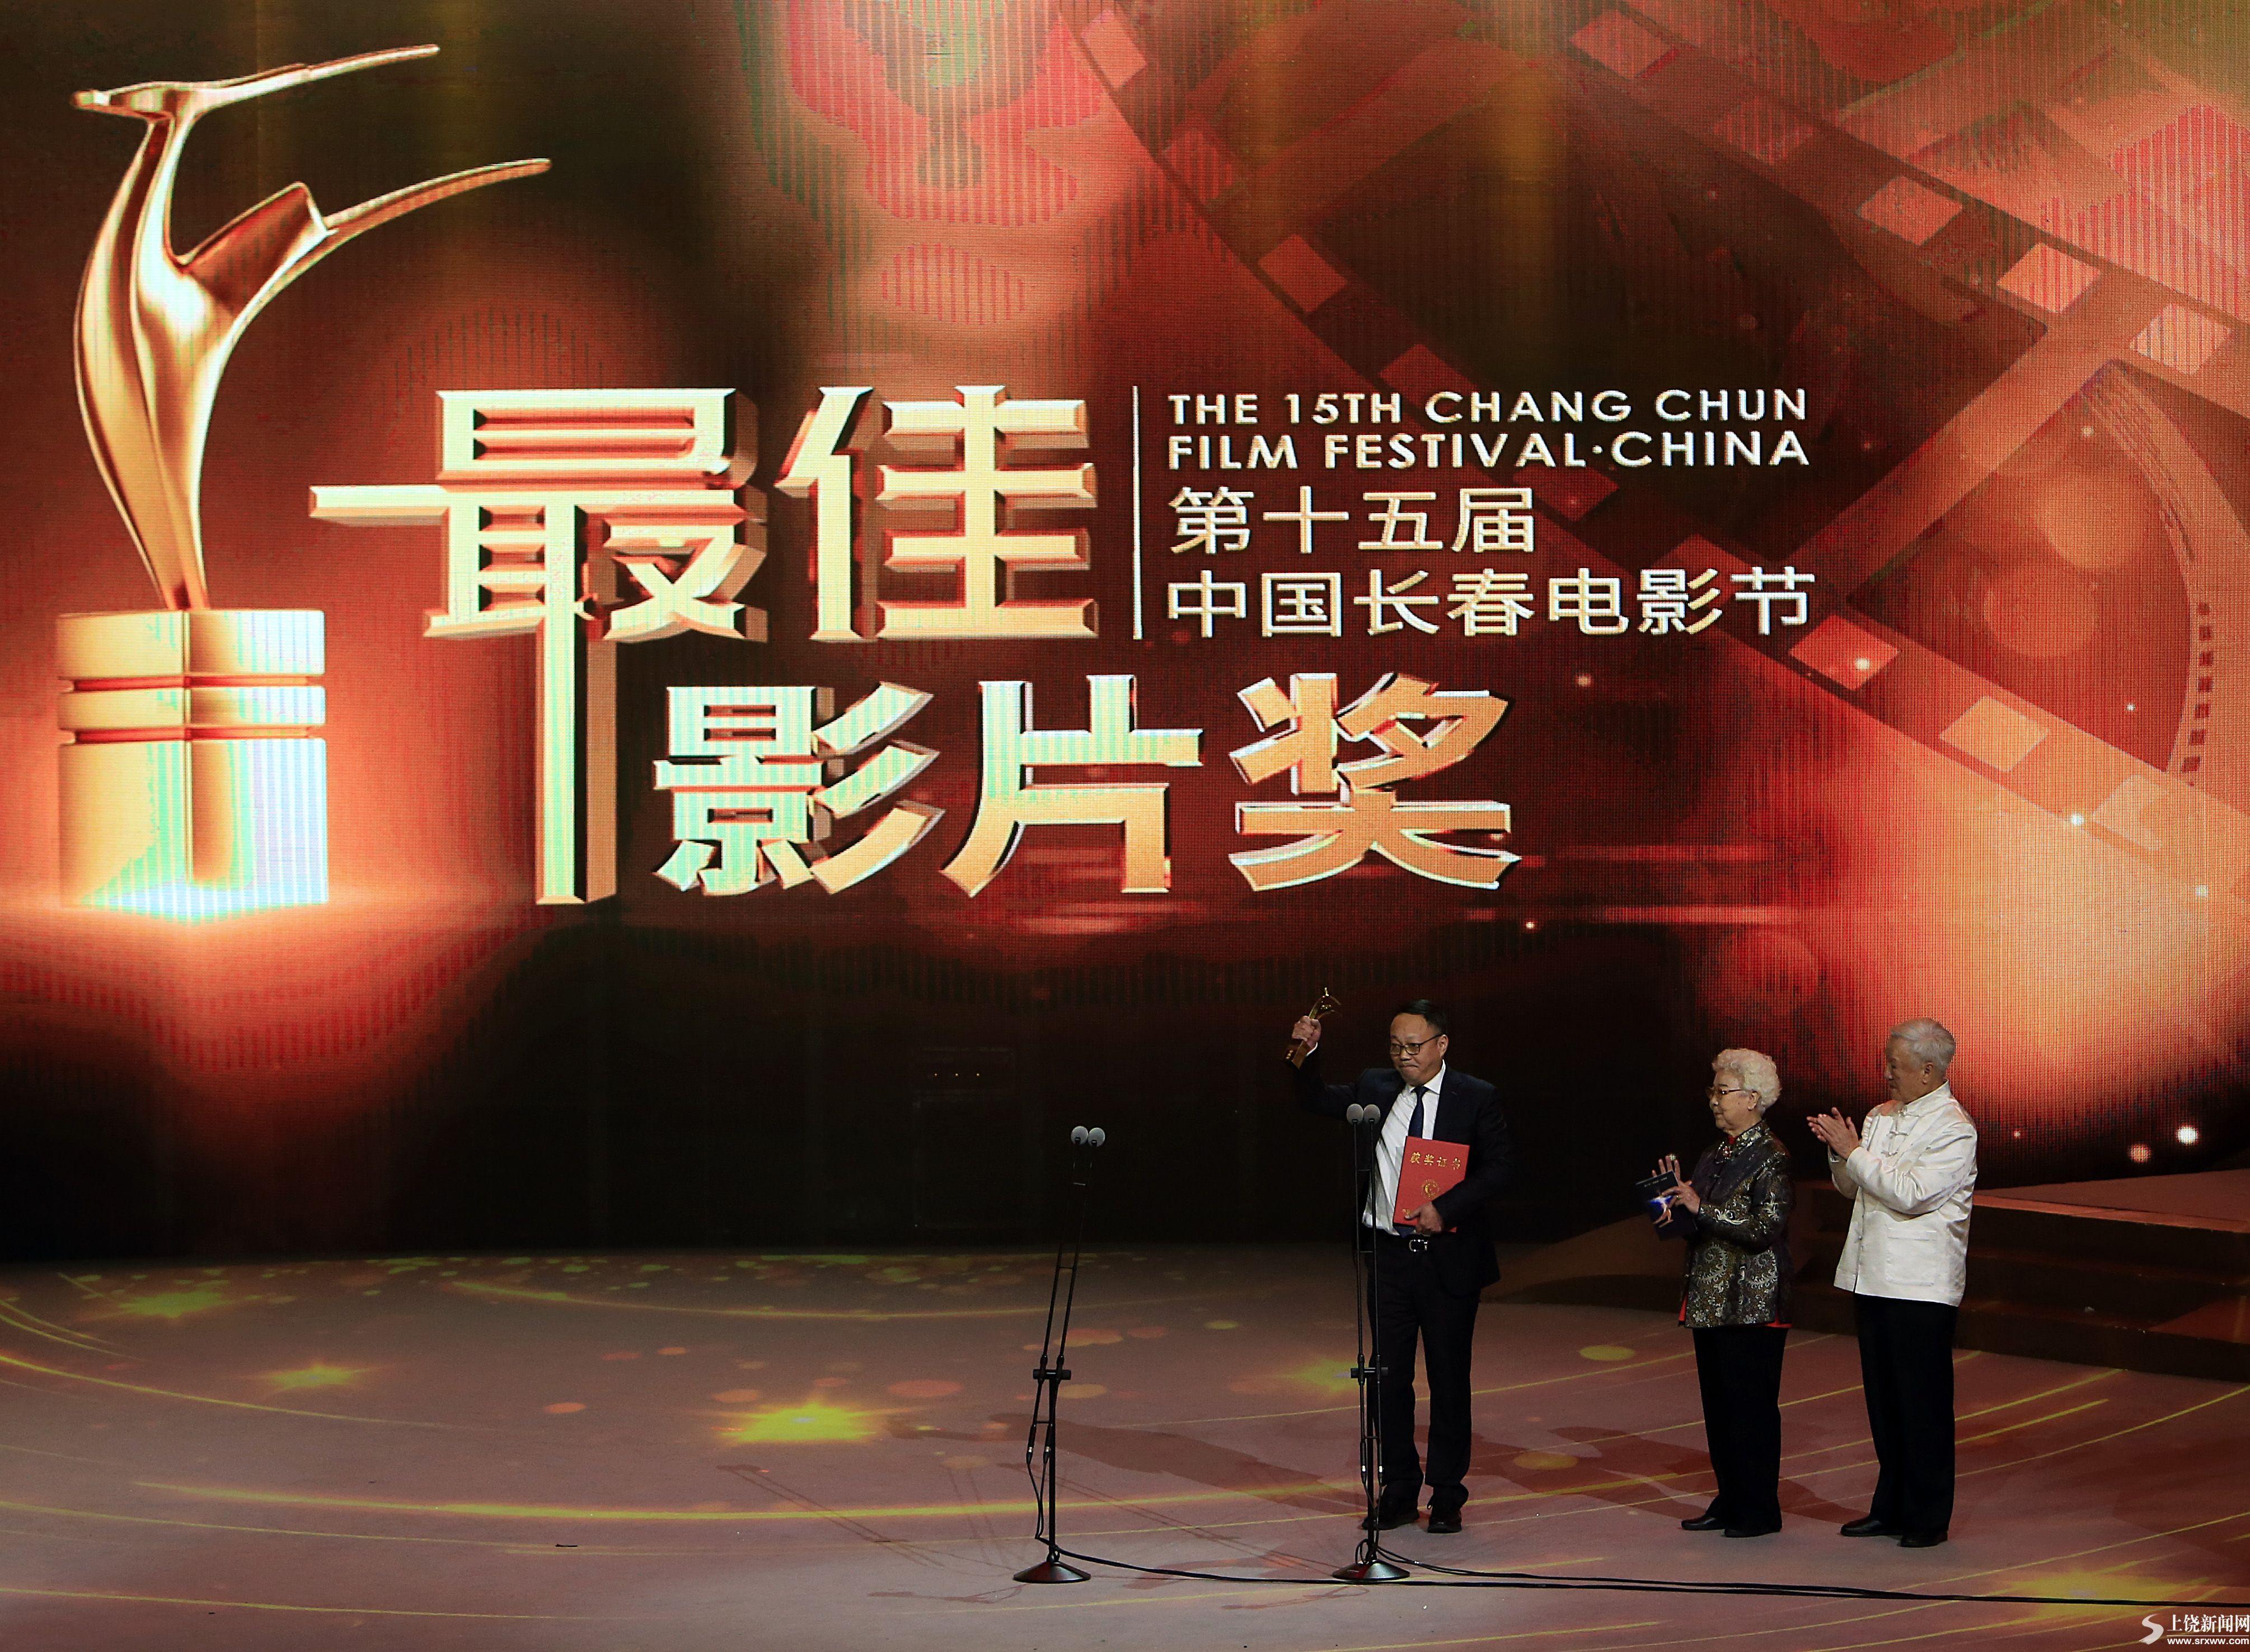 第十五届中国长春电影节举行颁奖典礼